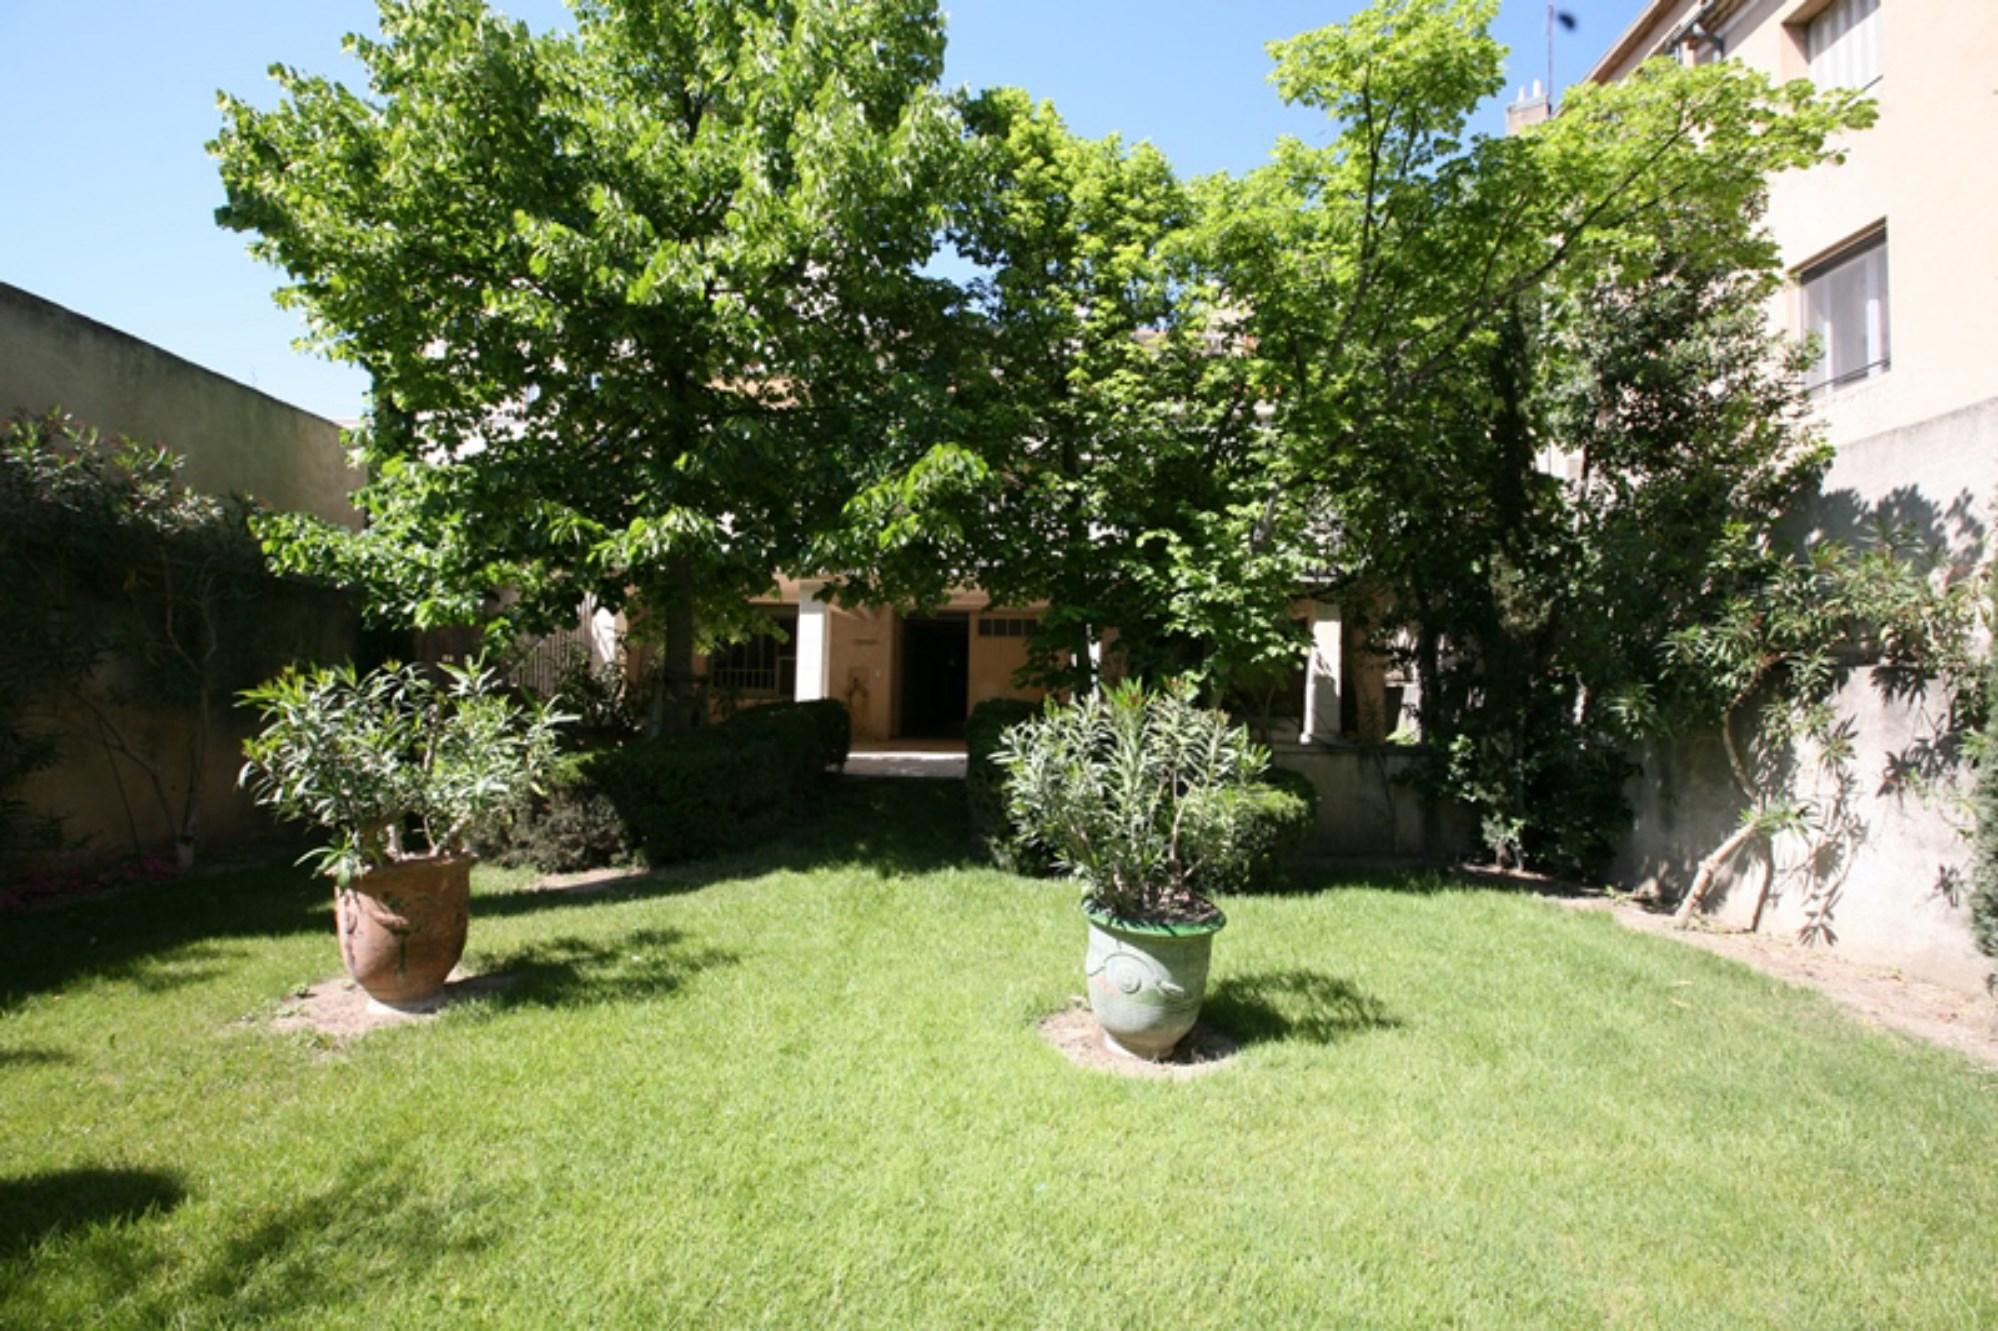 Hôtel particulier de charme avec jardin à vendre par ROSIER